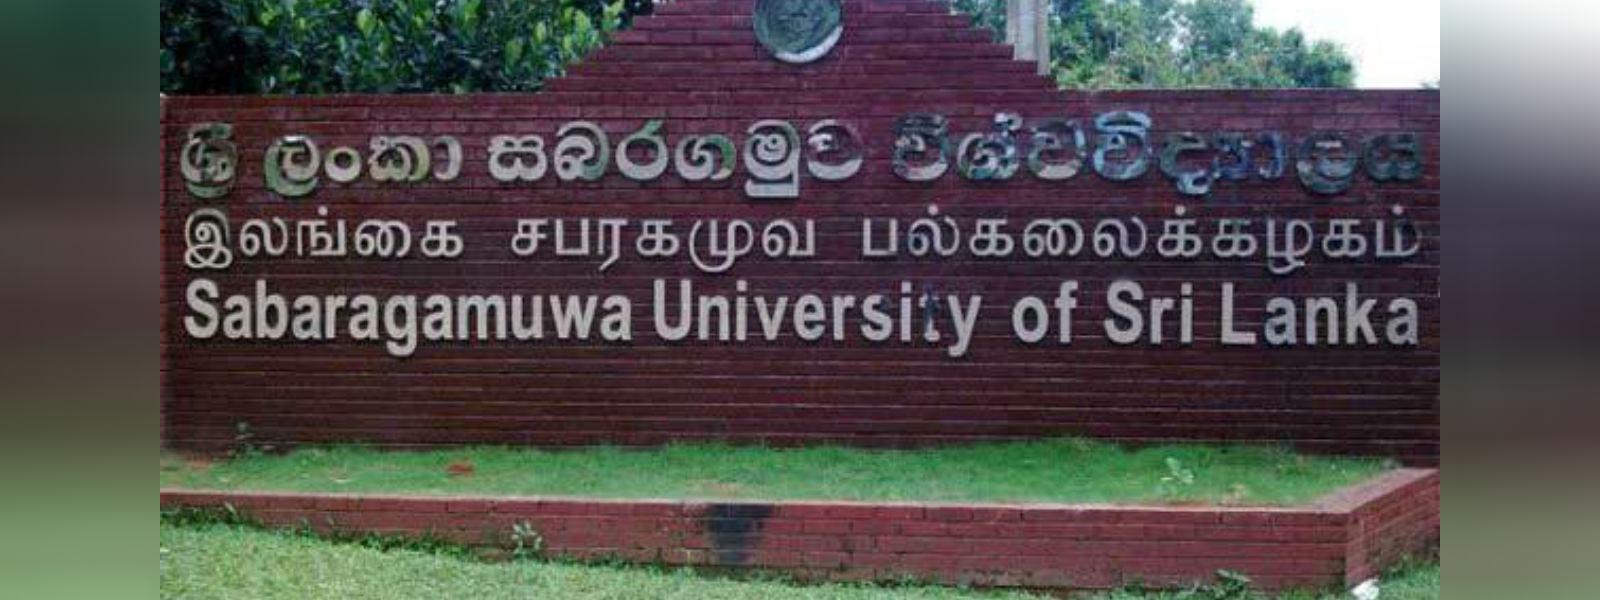 சப்ரகமுவ பல்கலைக்கழகம் மீண்டும் திறப்பு